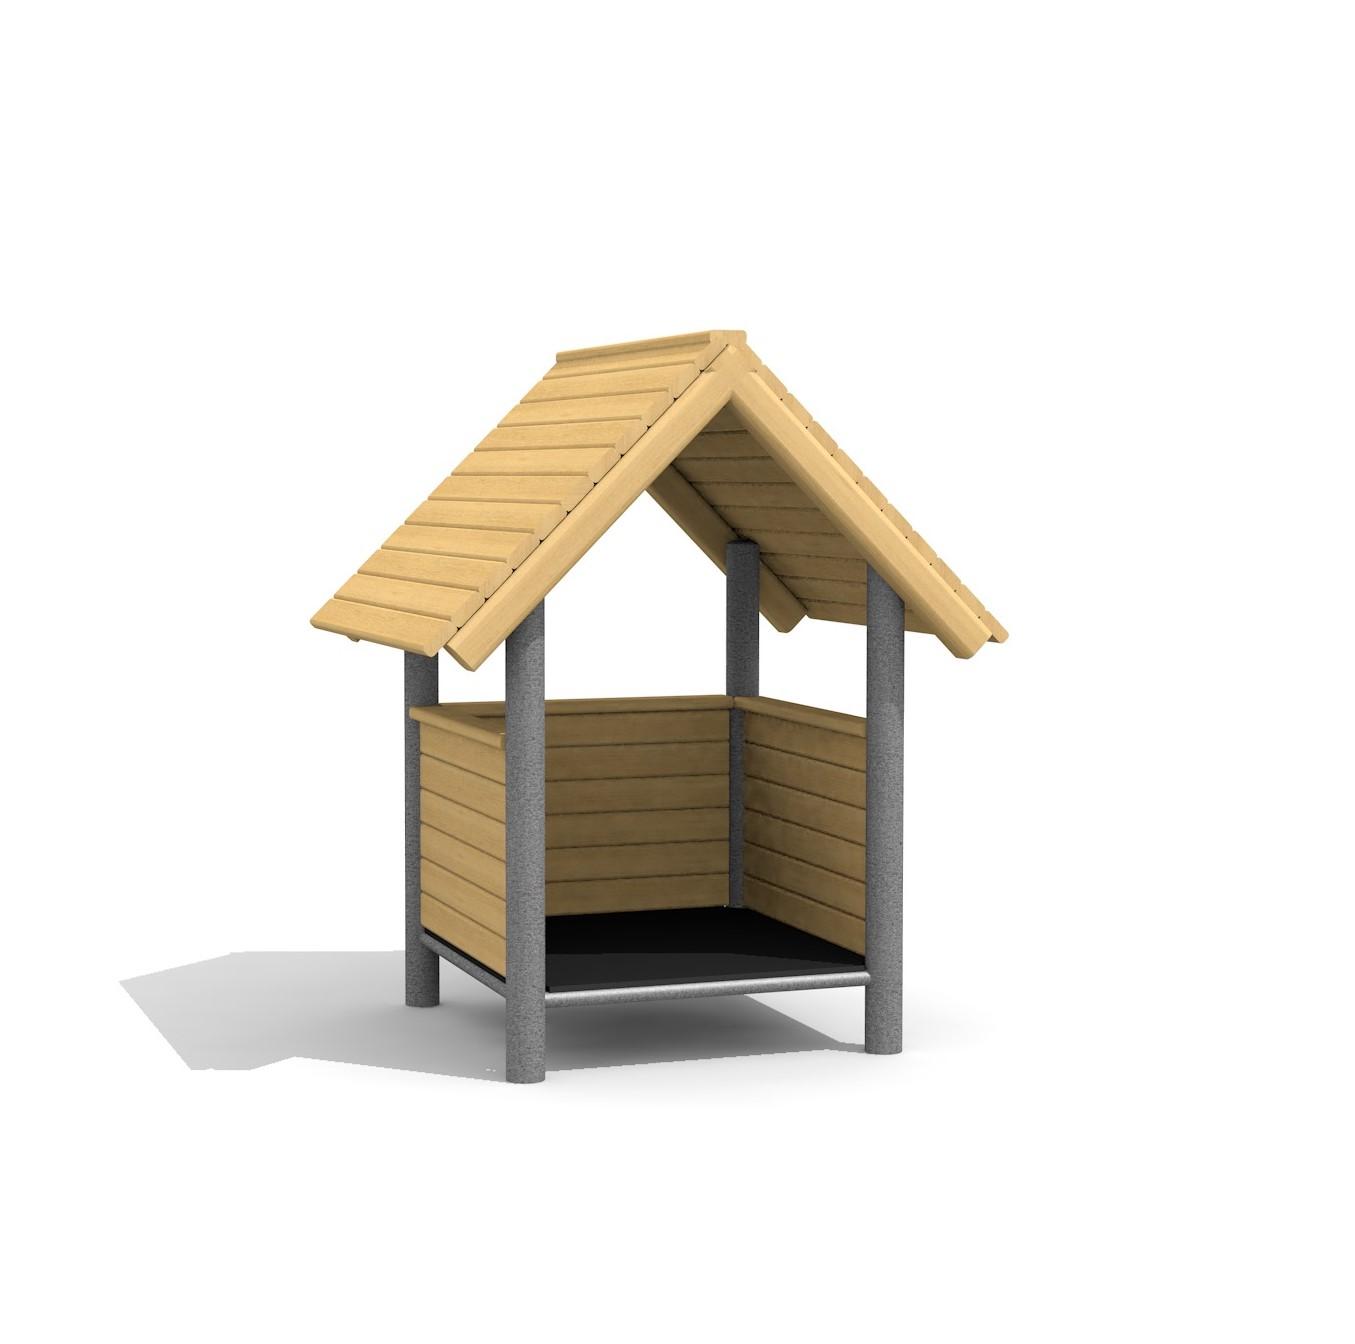 Full Size of Spielhaus Holz Landi Ebay Kleinanzeigen Garten Klein Innen Obi Metall Produkte Hinnen Spielplatzgerte Ag Fliesen In Holzoptik Bad Massivholz Regal Sichtschutz Wohnzimmer Spielhaus Holz